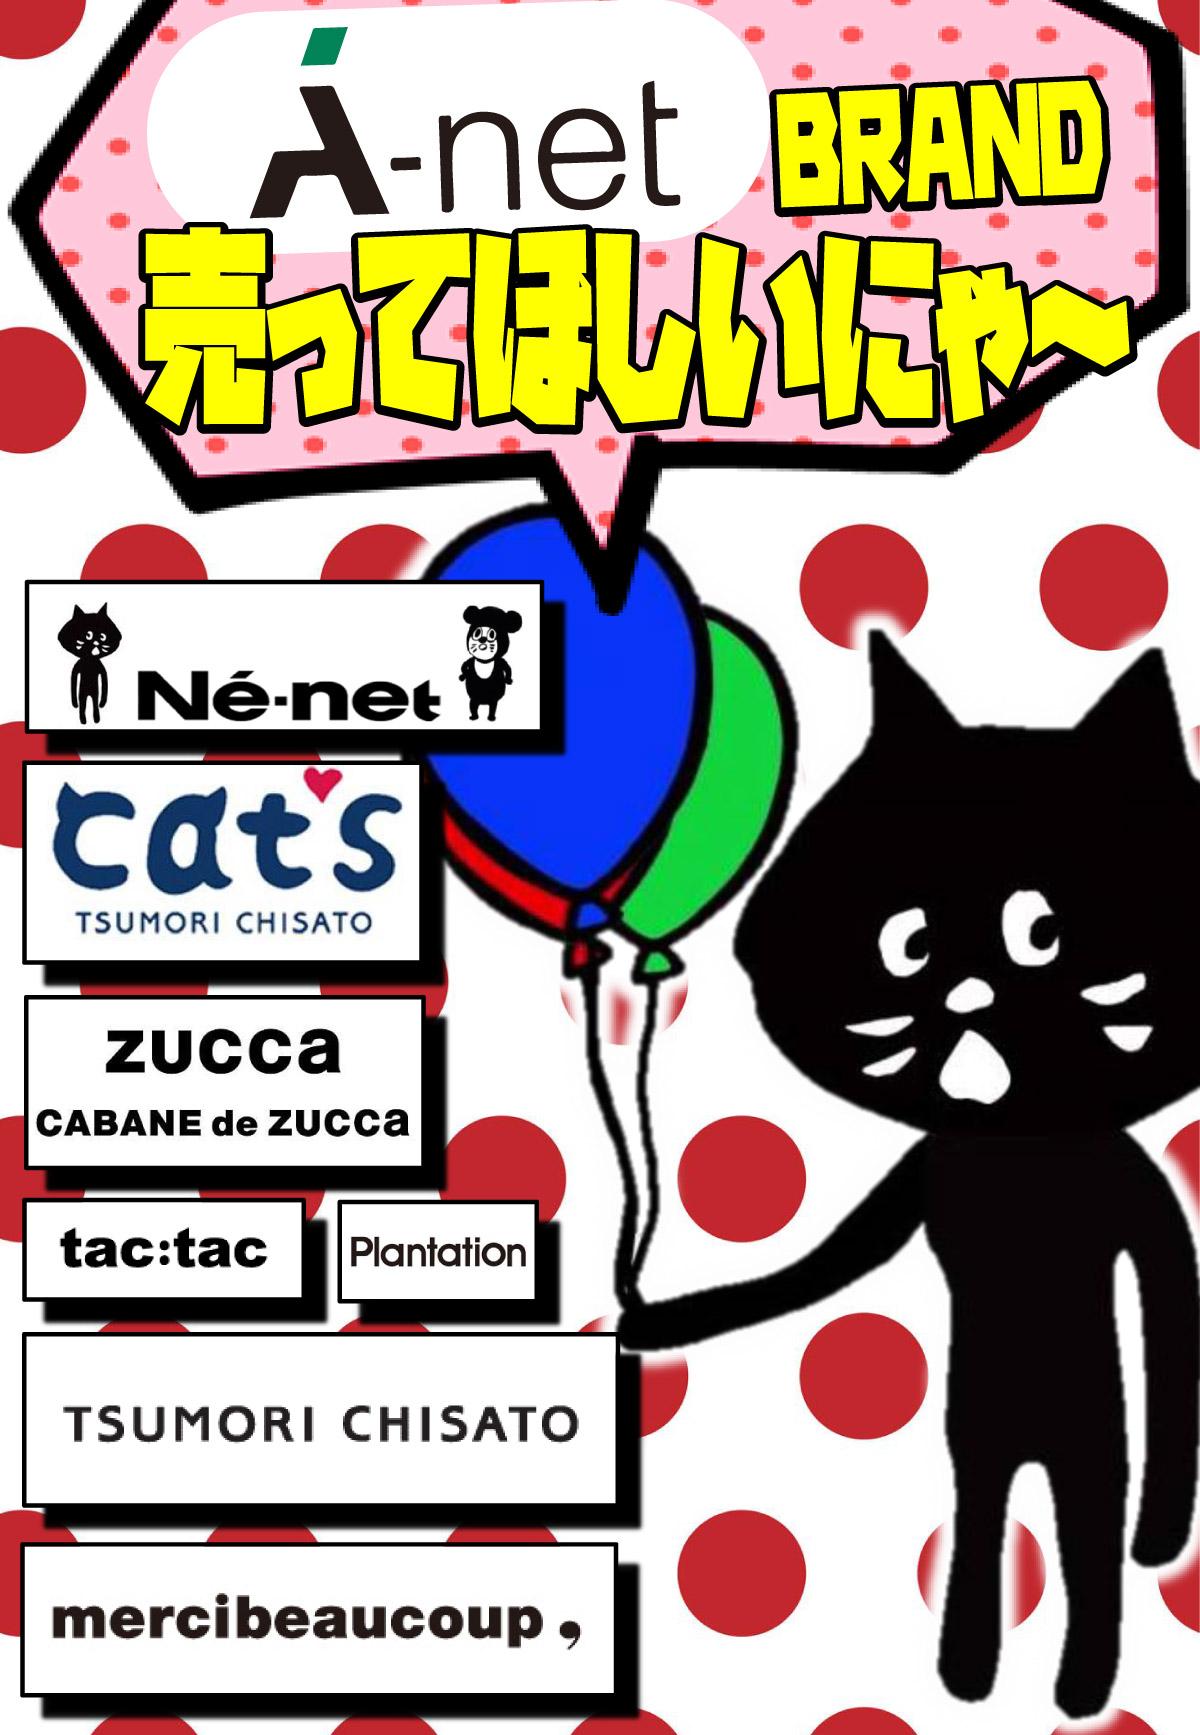 「開放倉庫山城店」古着館レディース<A-netブランド>強化買取中!!Nya-、Ne-net、cat`s TSUMORI CHISATO、zucca CABANE de ZUCCA、tac:tac、Plantation、TSUMORI CHISATO、mercibeaucoup,売ってほしいにゃ~